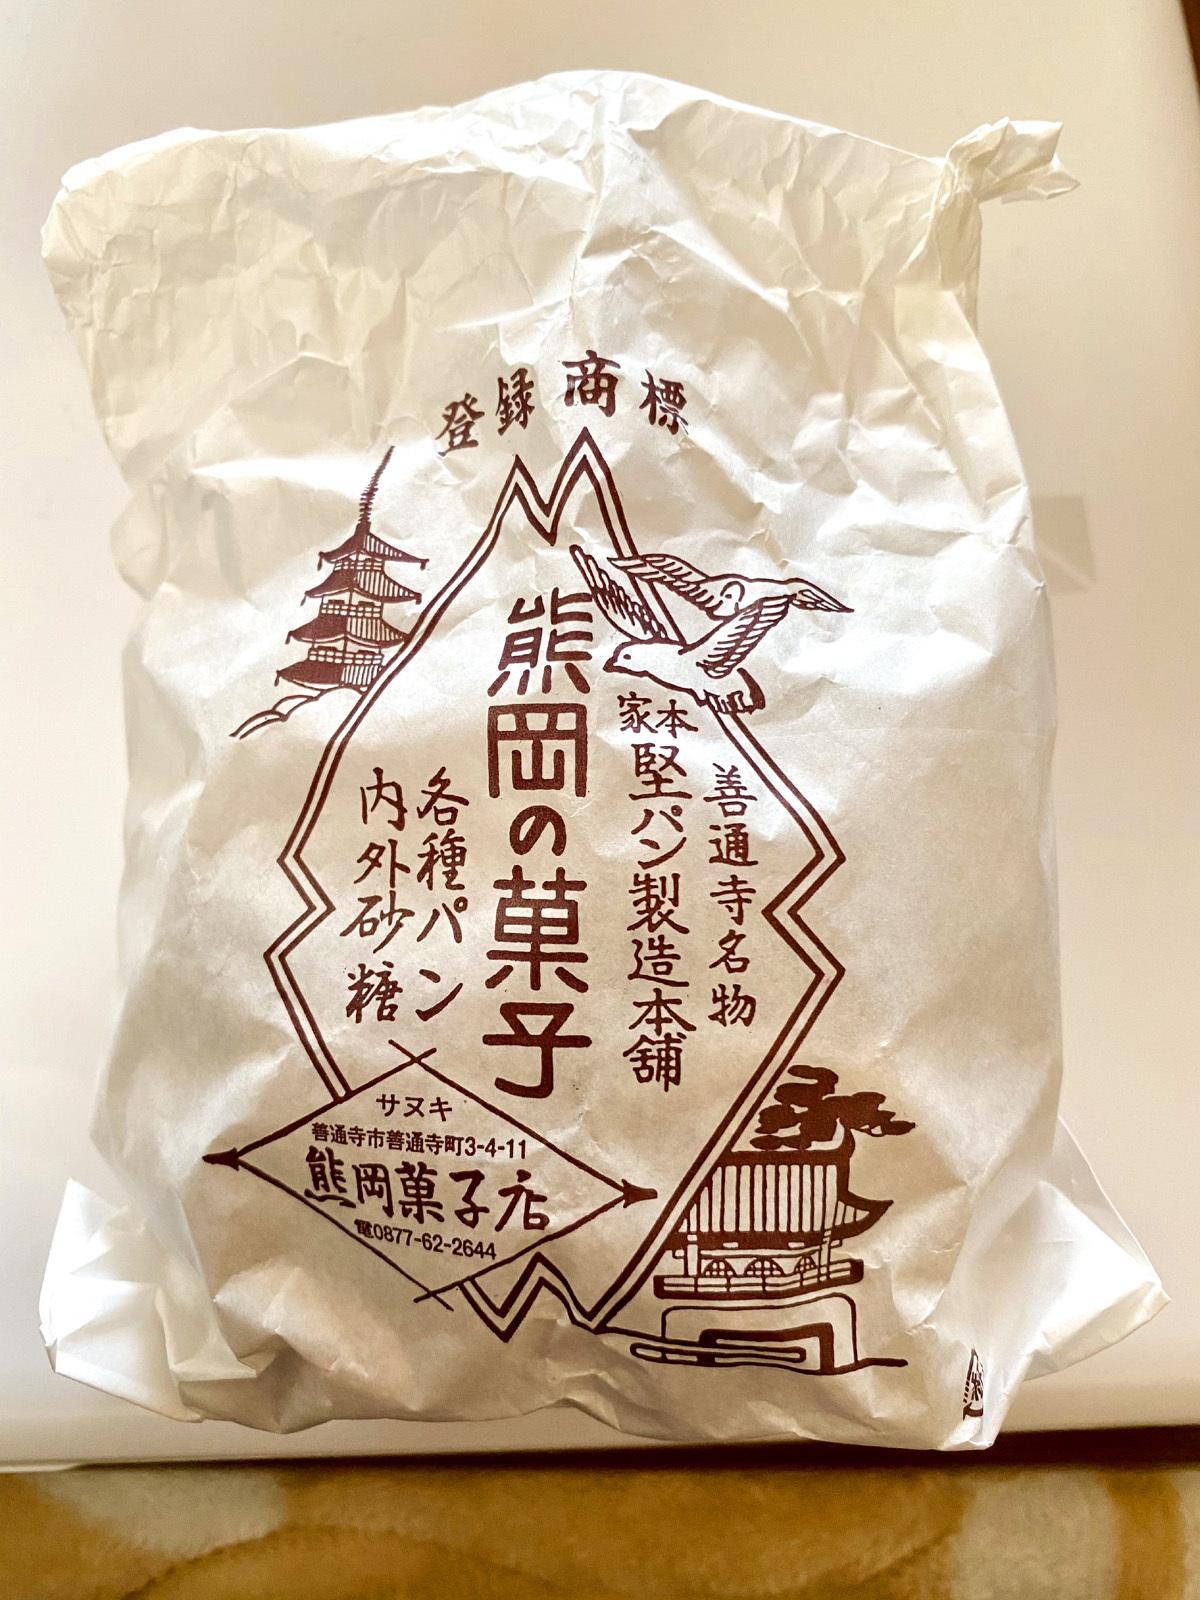 熊岡菓子店 05 紙袋